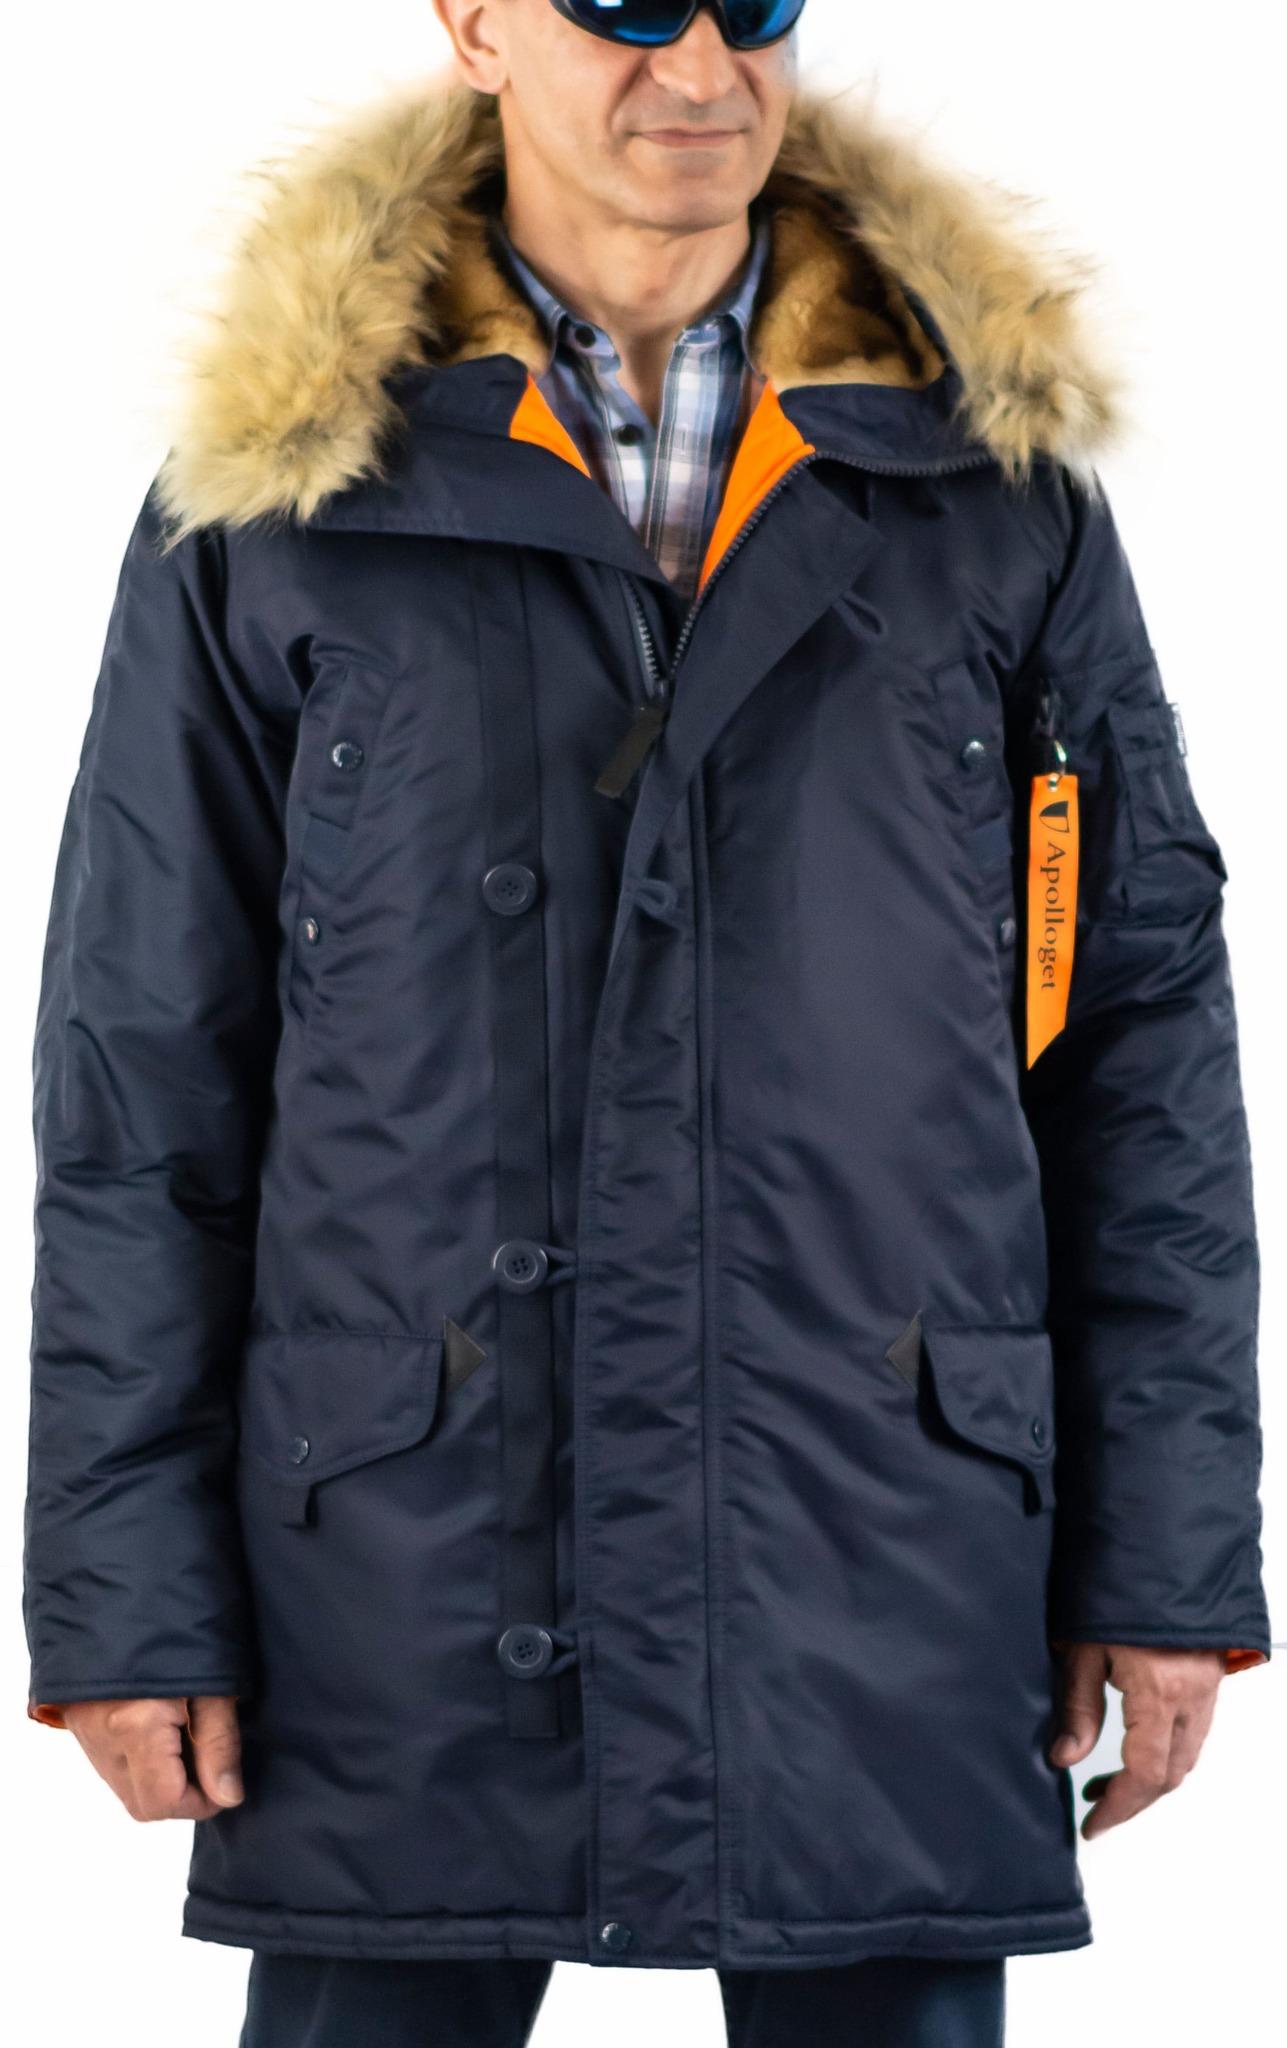 Куртка Аляска удлиненная Husky Long 2019 (синяя - r.blue/orange)